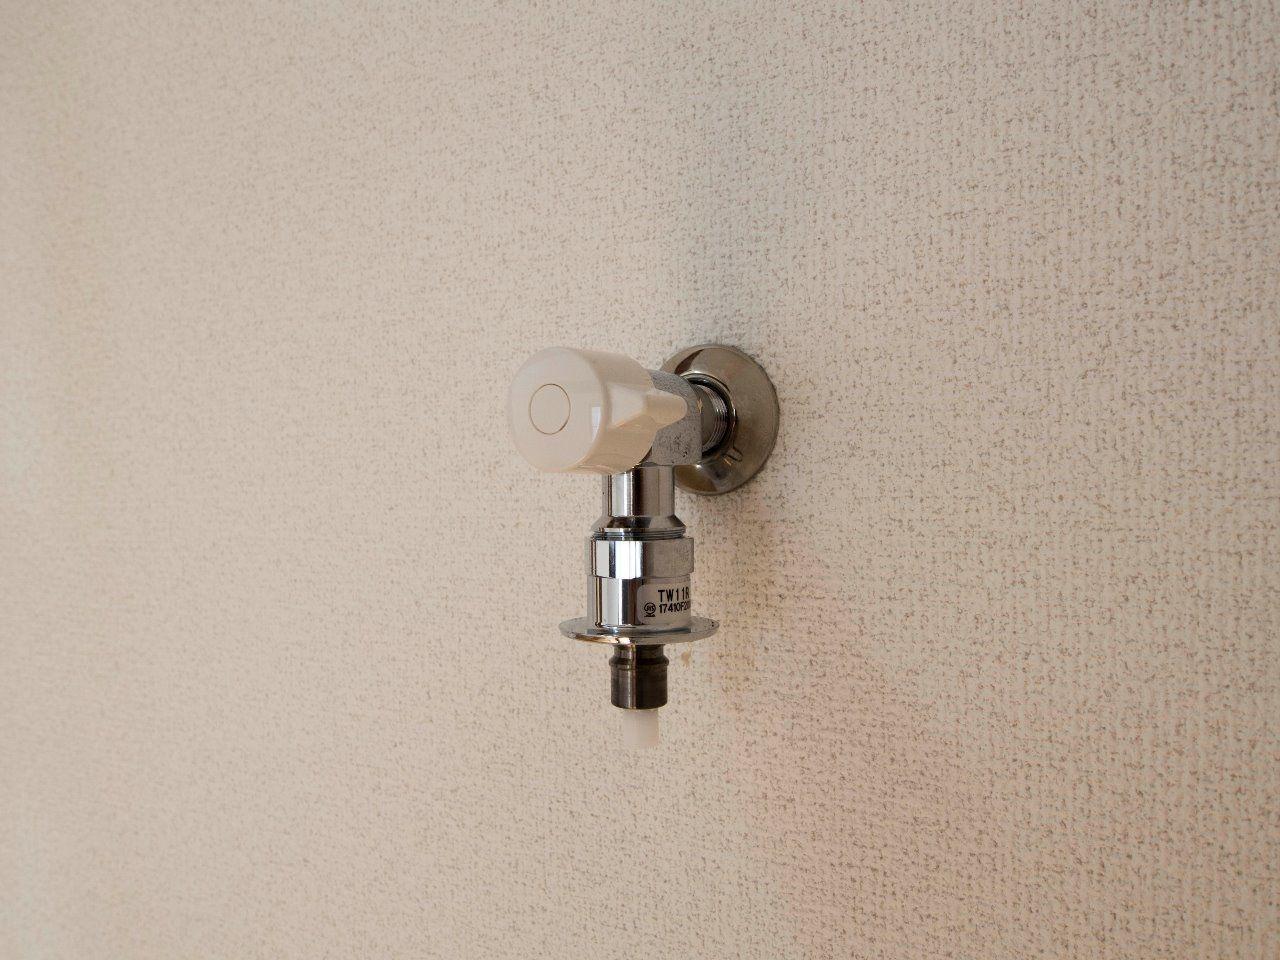 洗濯ホースのつなぎ込みがラクなワンタッチ式水栓